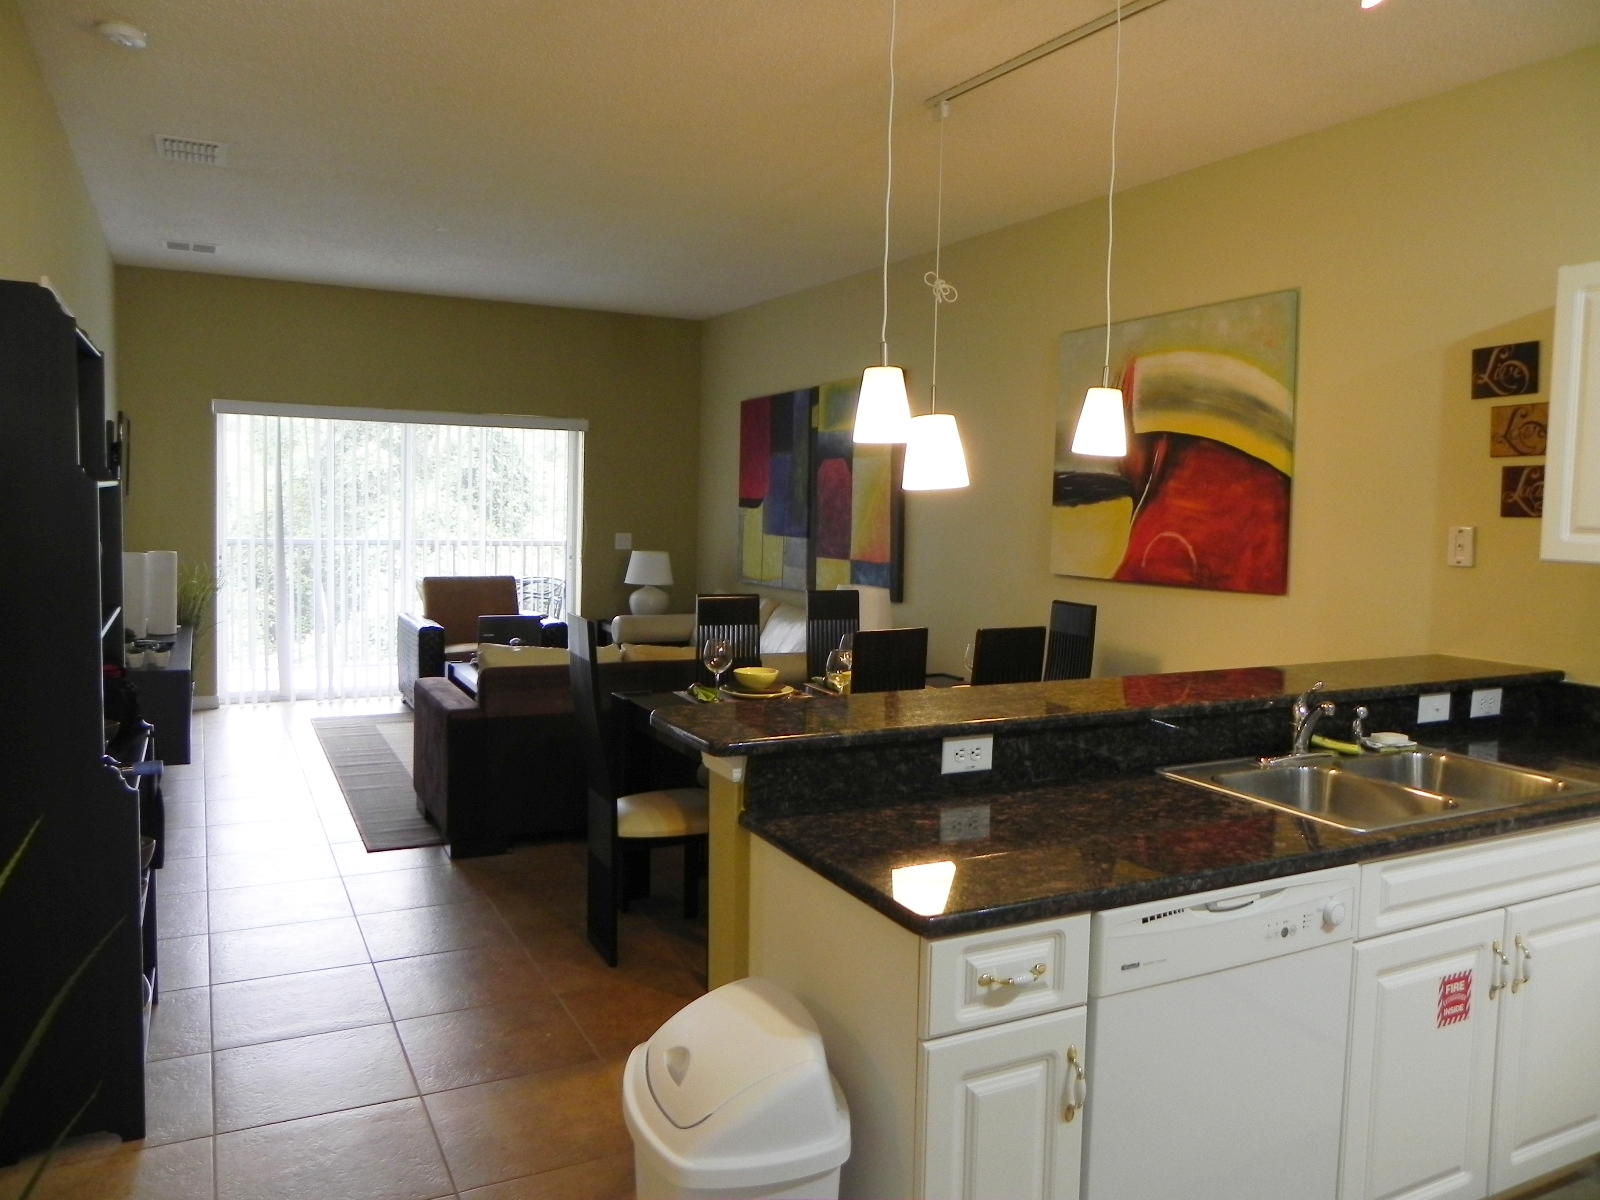 Sala Cozinha Americana Deu Vontade De Ter Uma Cozinha Americana